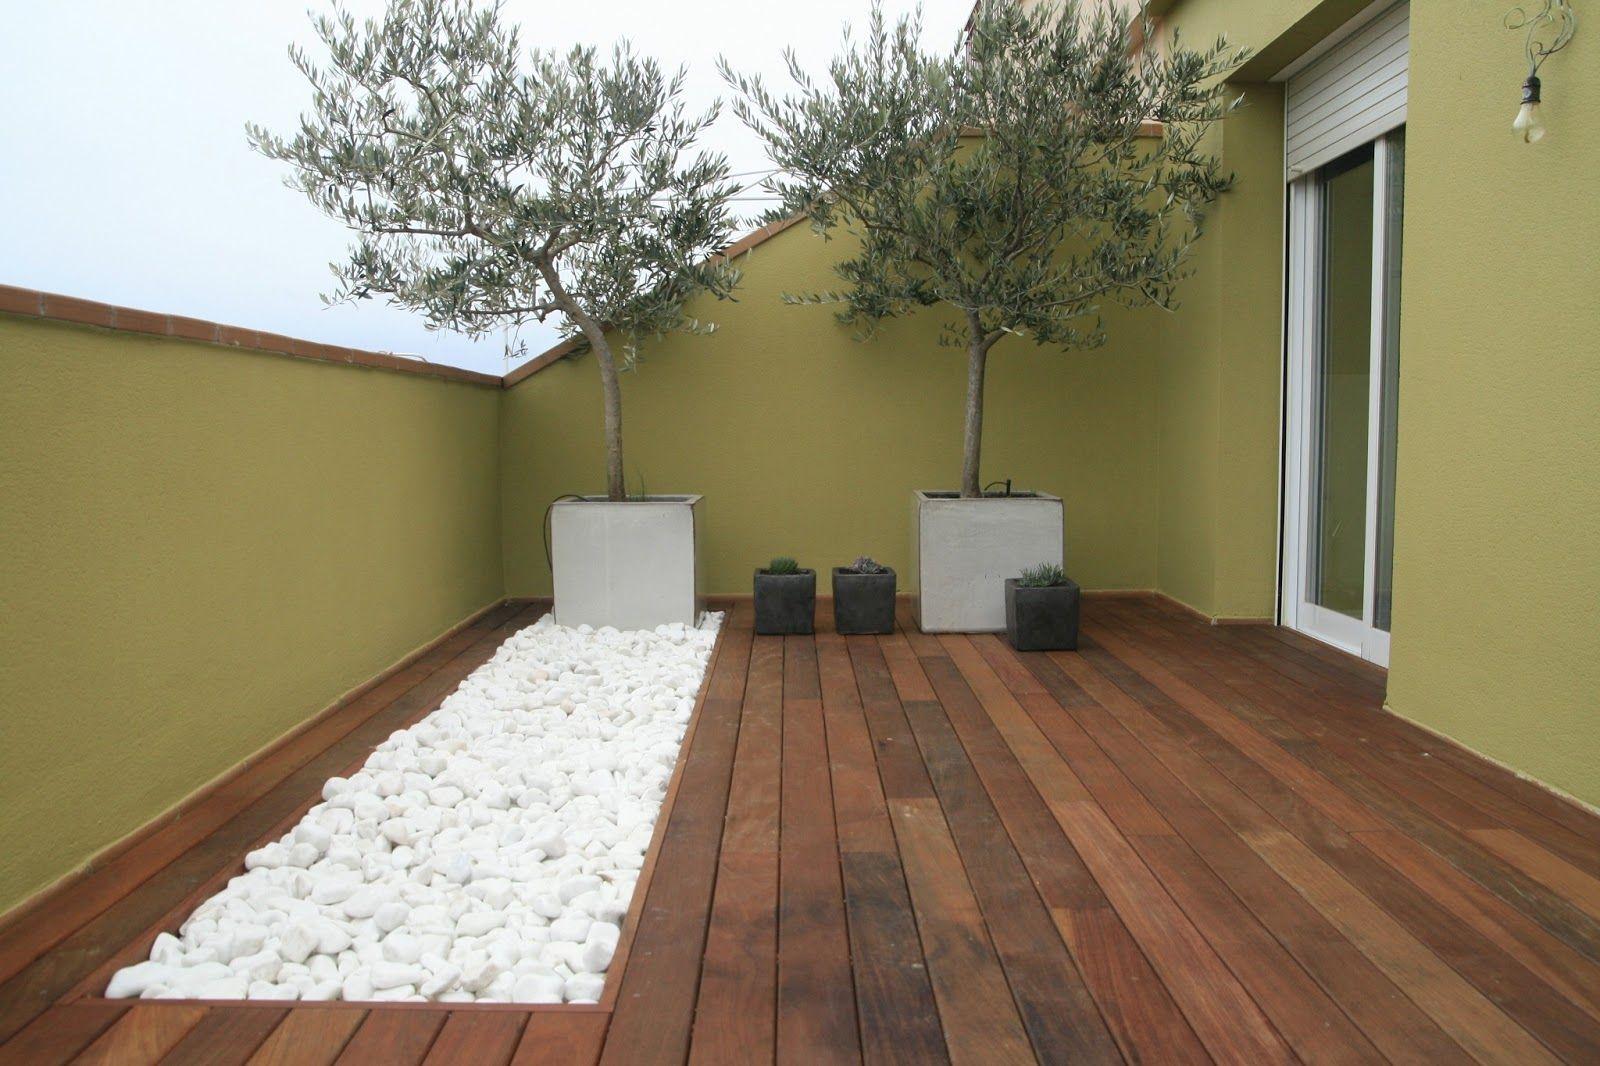 patio 3 | Decoración de jardines | Pinterest | Patio pequeño, Ideas ...